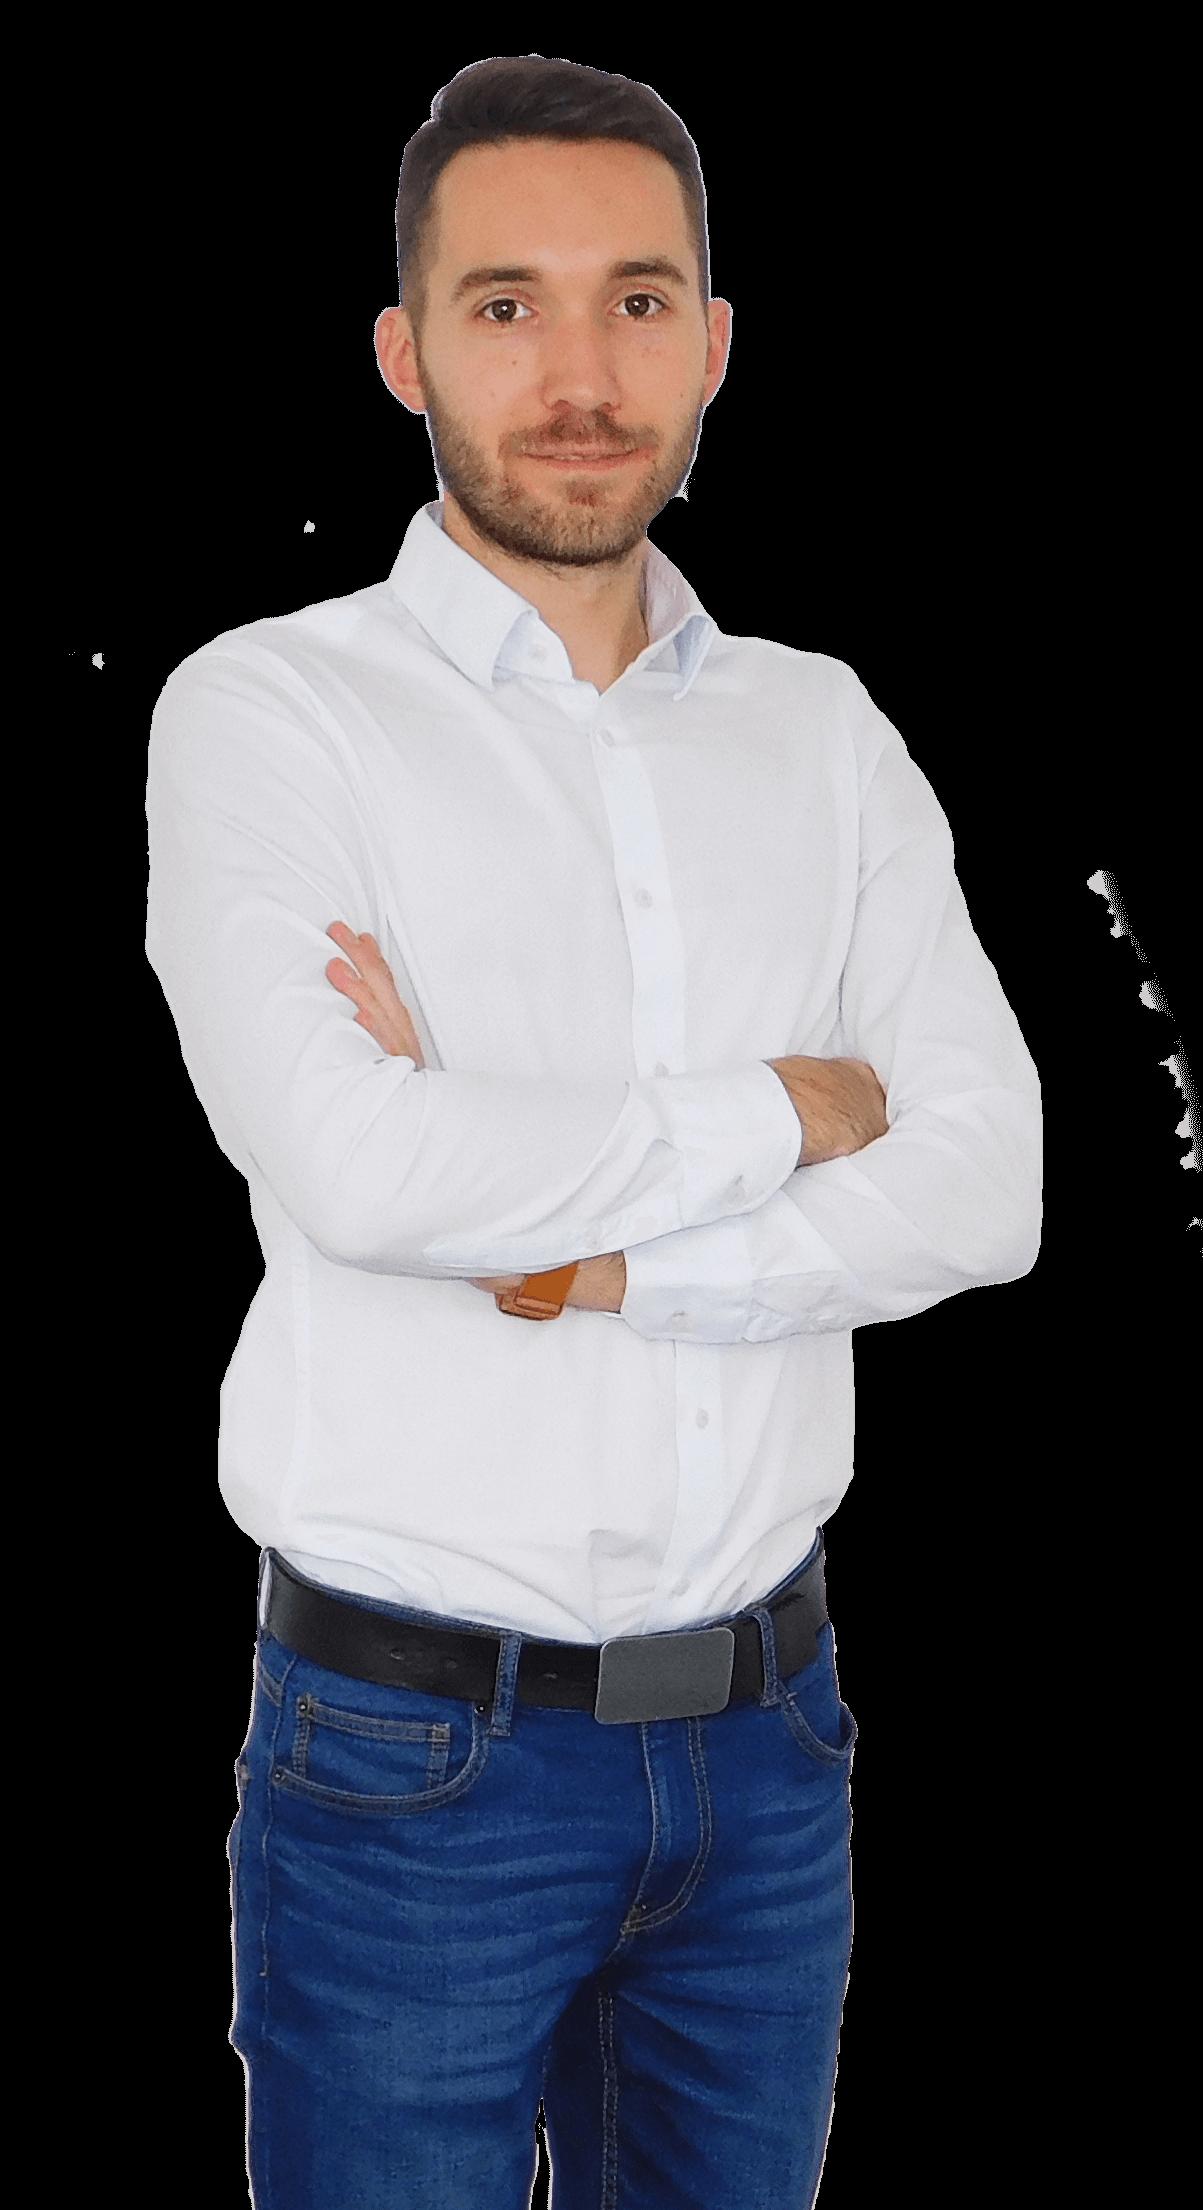 Michał Turek biogram